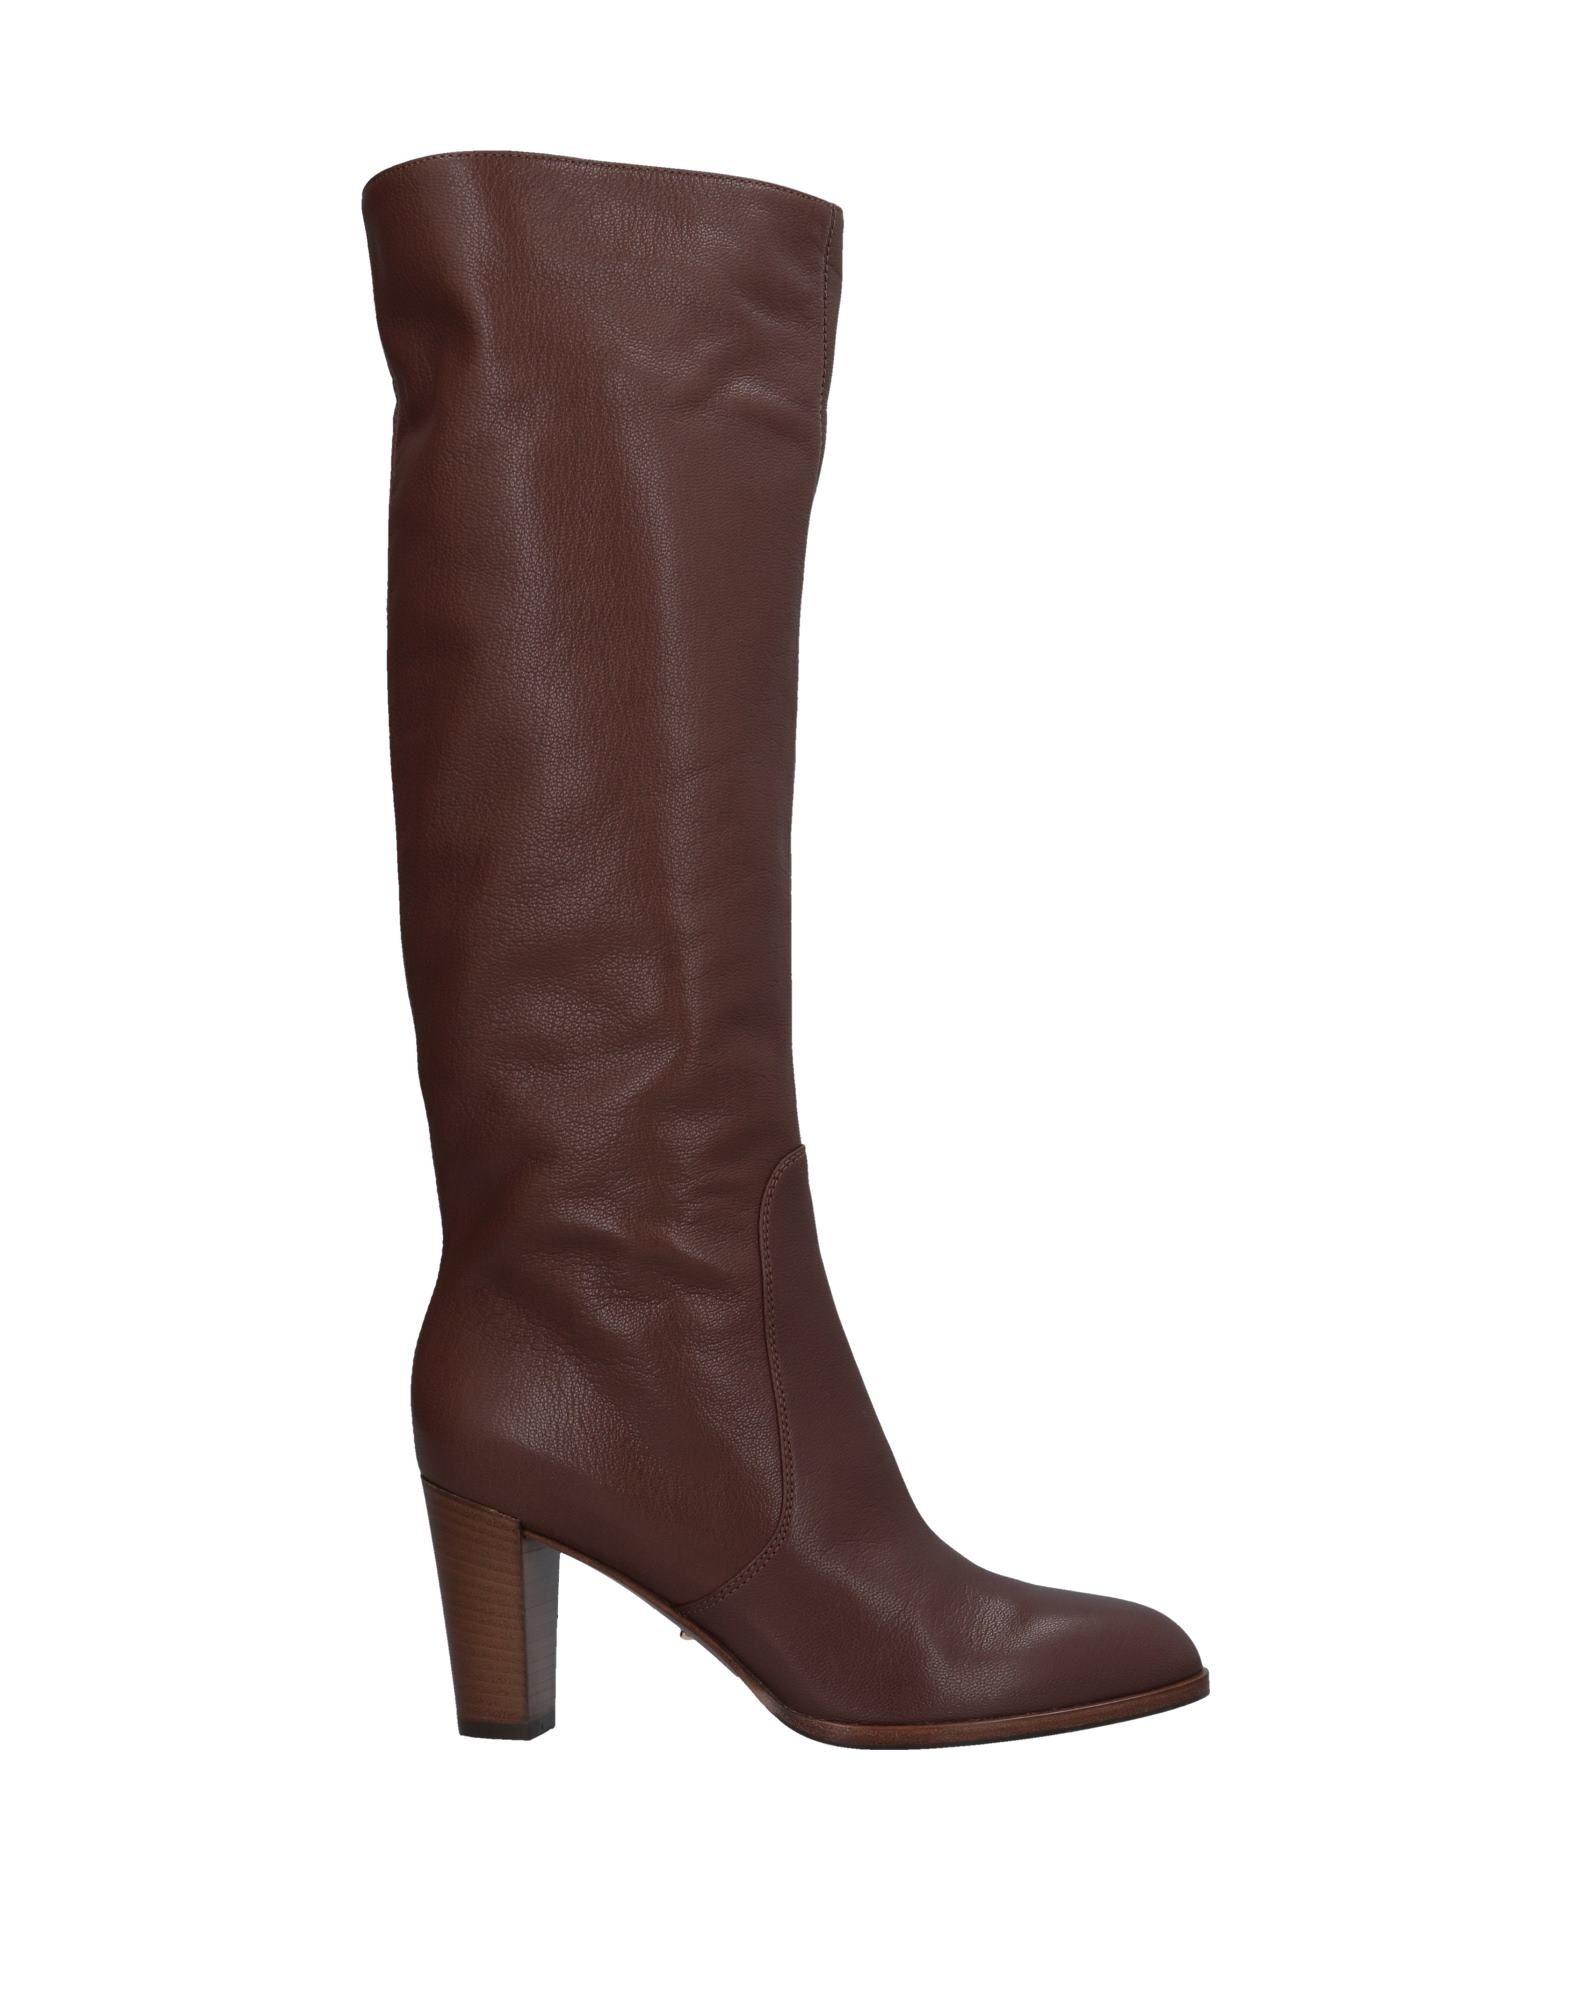 Sergio Rossi Stiefel Damen  11531278UF Beliebte Schuhe Schuhe Schuhe bad7f7